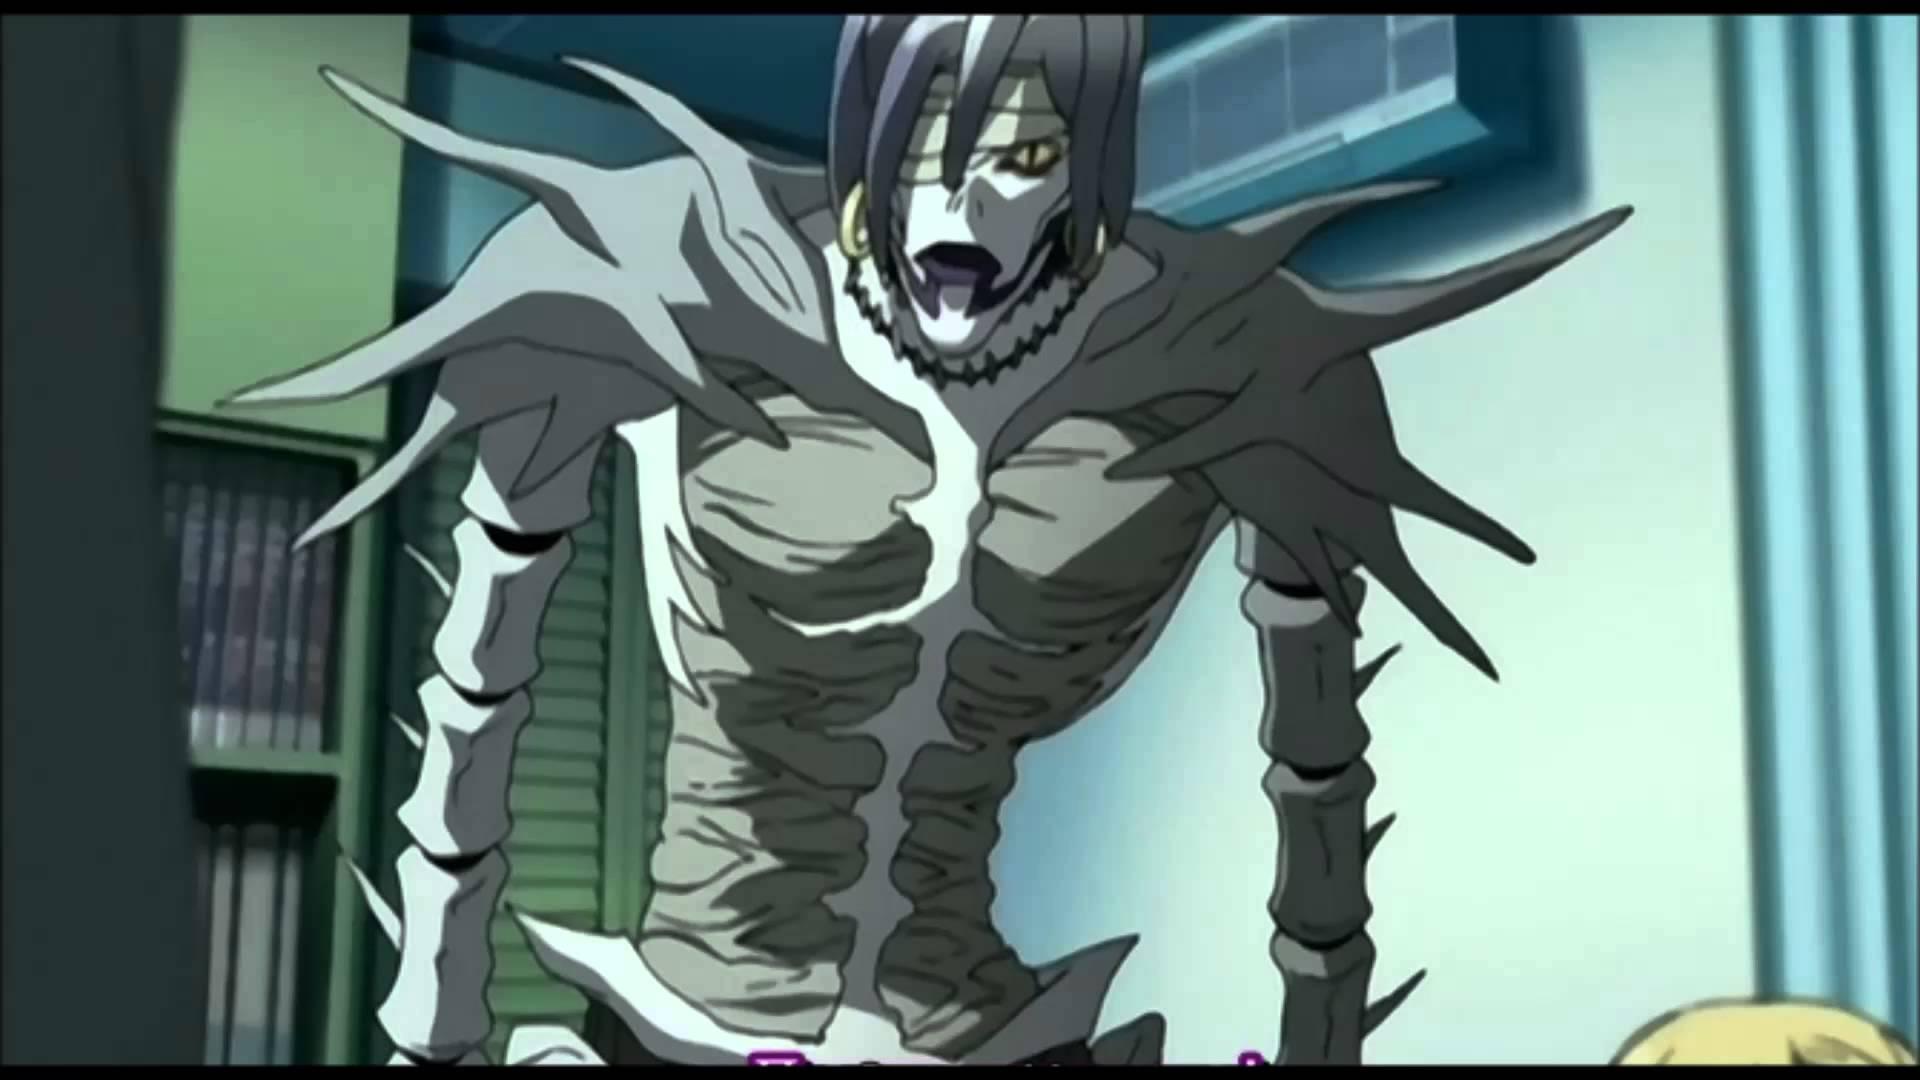 L Lawliet エルローライト Eru Rōraito conosciuto semplicemente come Elle エル Eru è un personaggio del manga Death Note creato da Tsugumi Ōba e